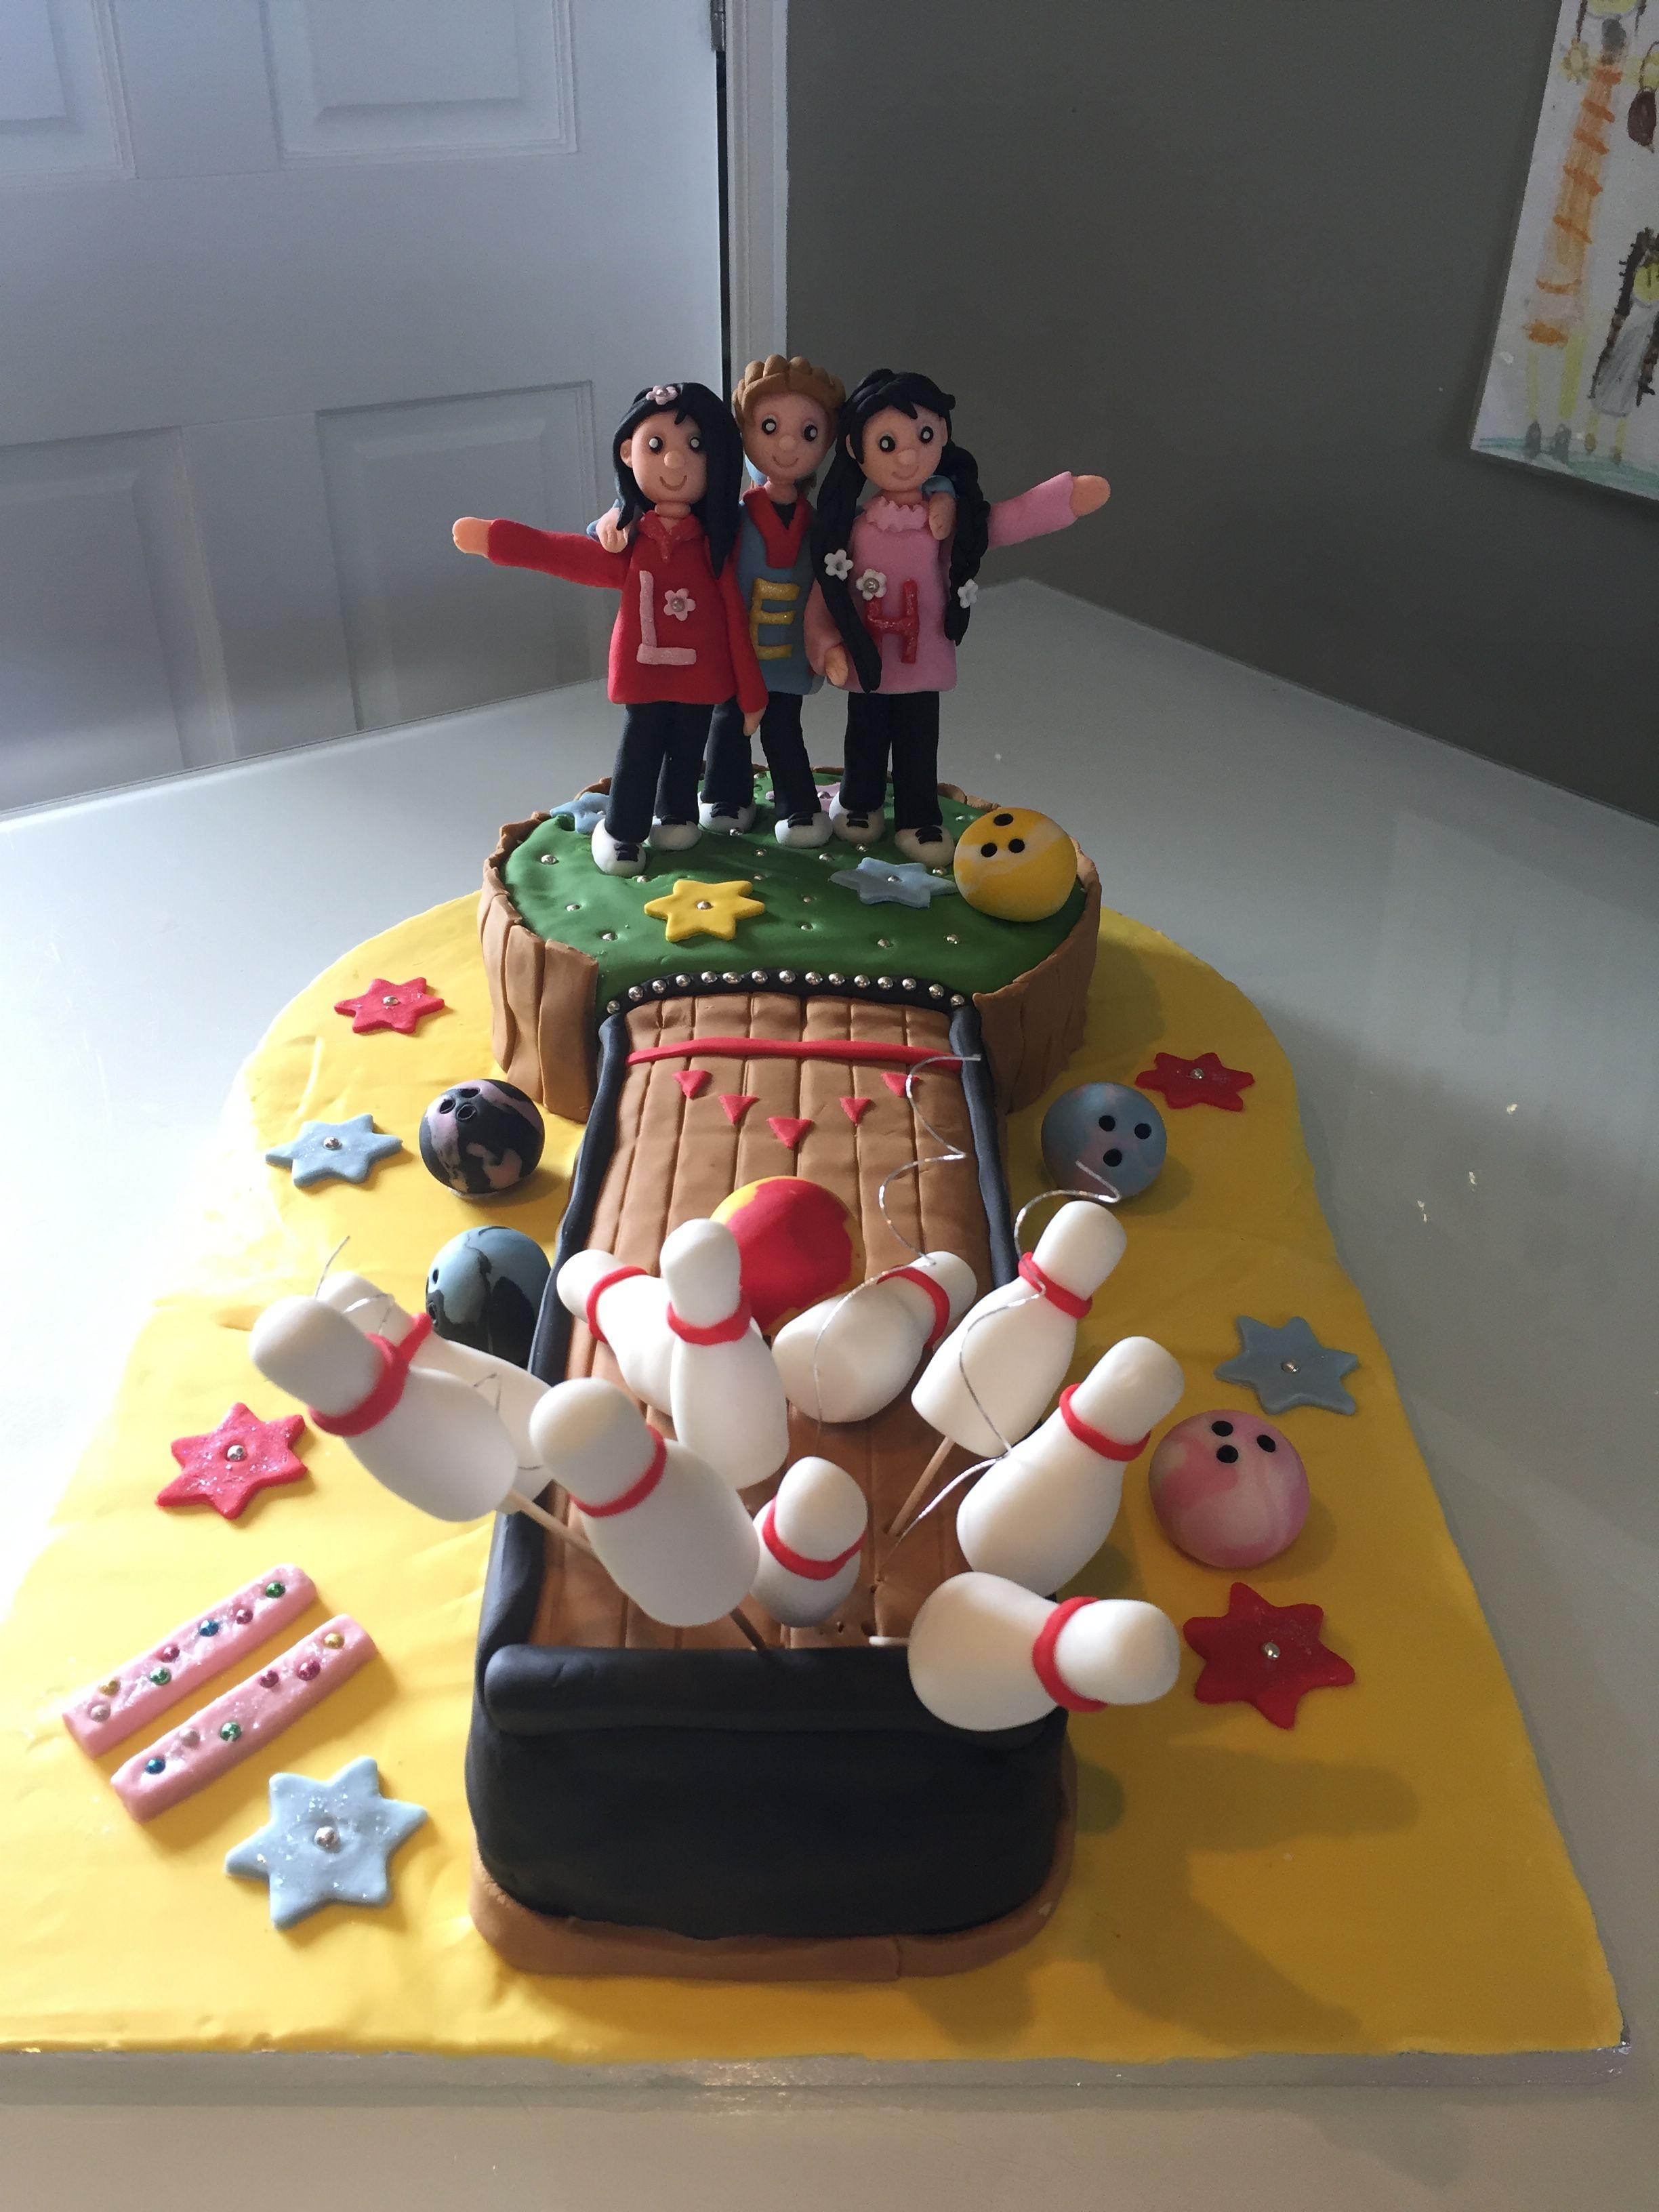 Delanas Cakes: 10 Pin Bowling Cake